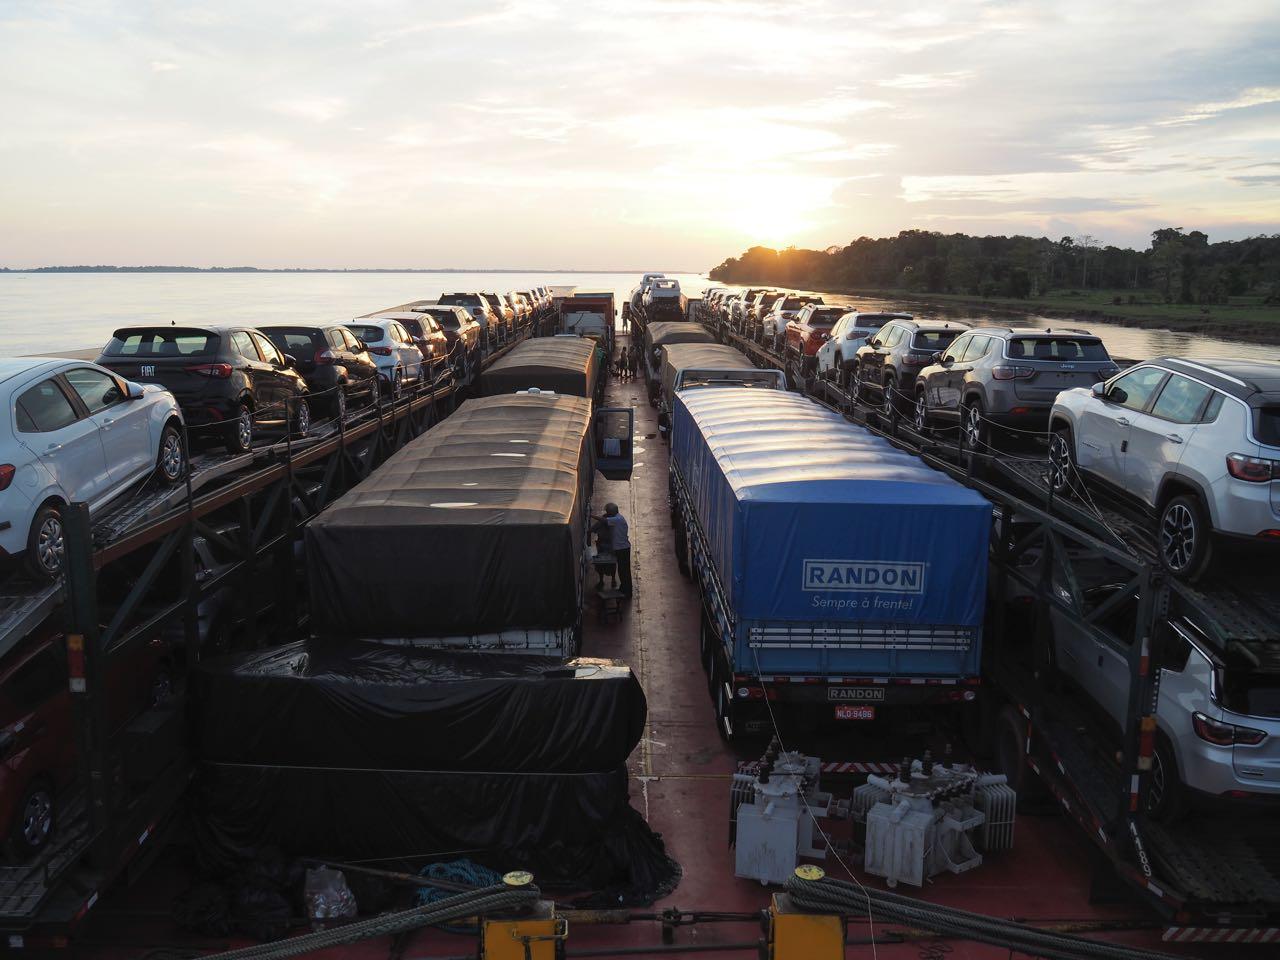 Zusammen mit ca. 20 anderen Lastwagen.